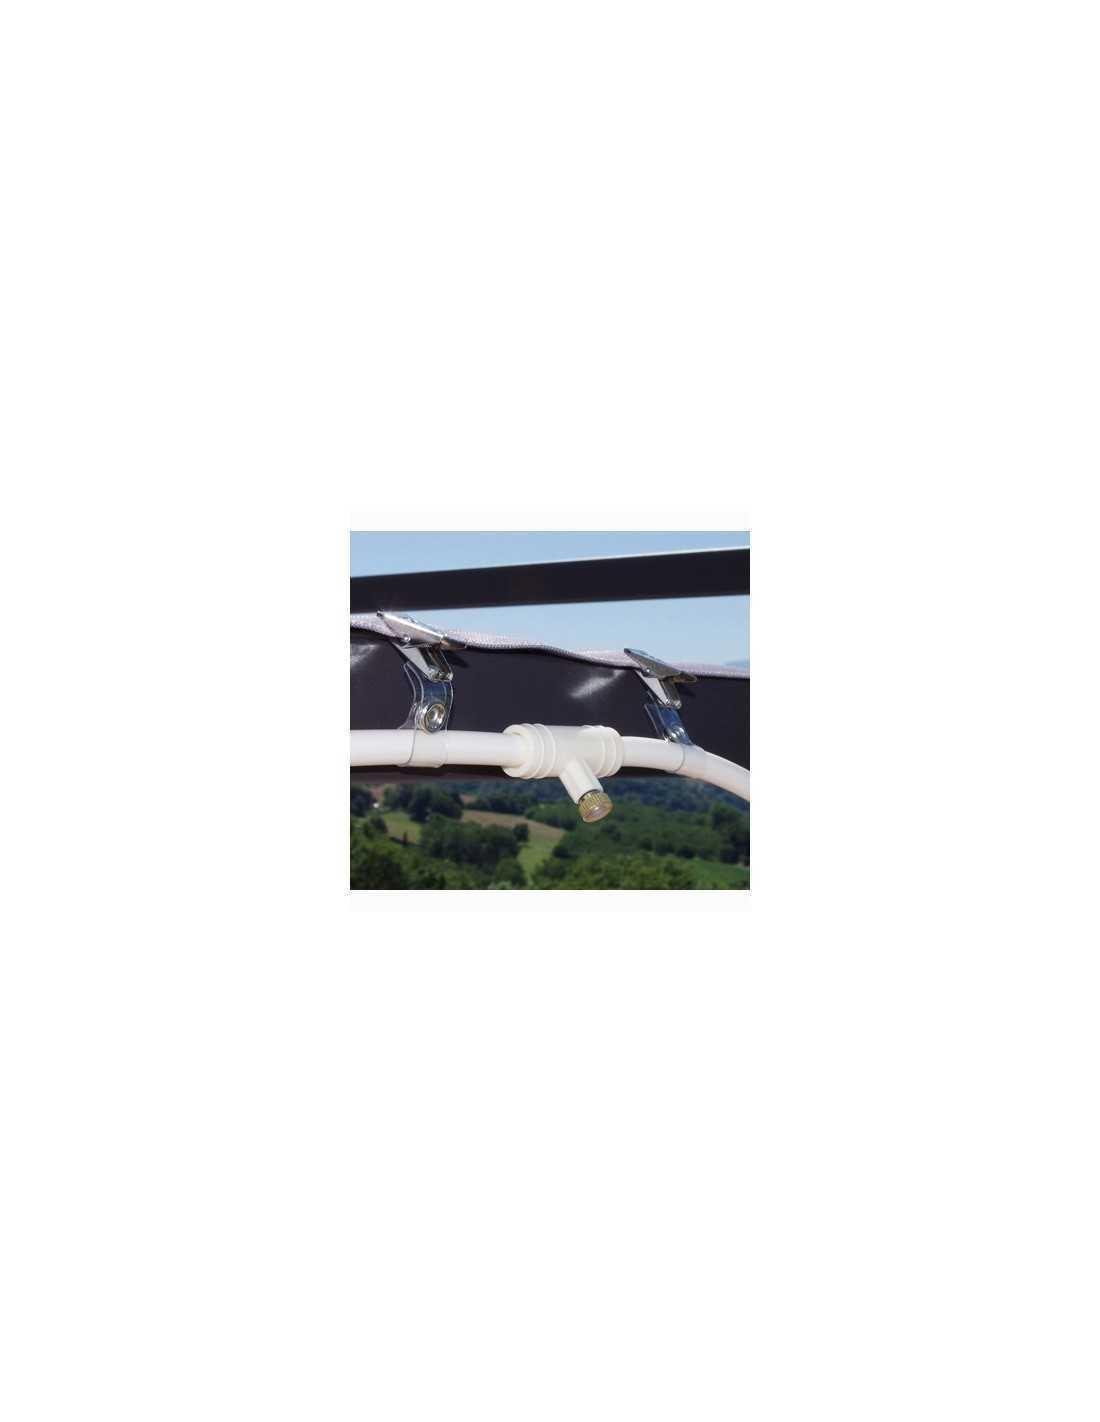 Manguito hierro galvanizado mercagarden for Casetas de hierro galvanizado